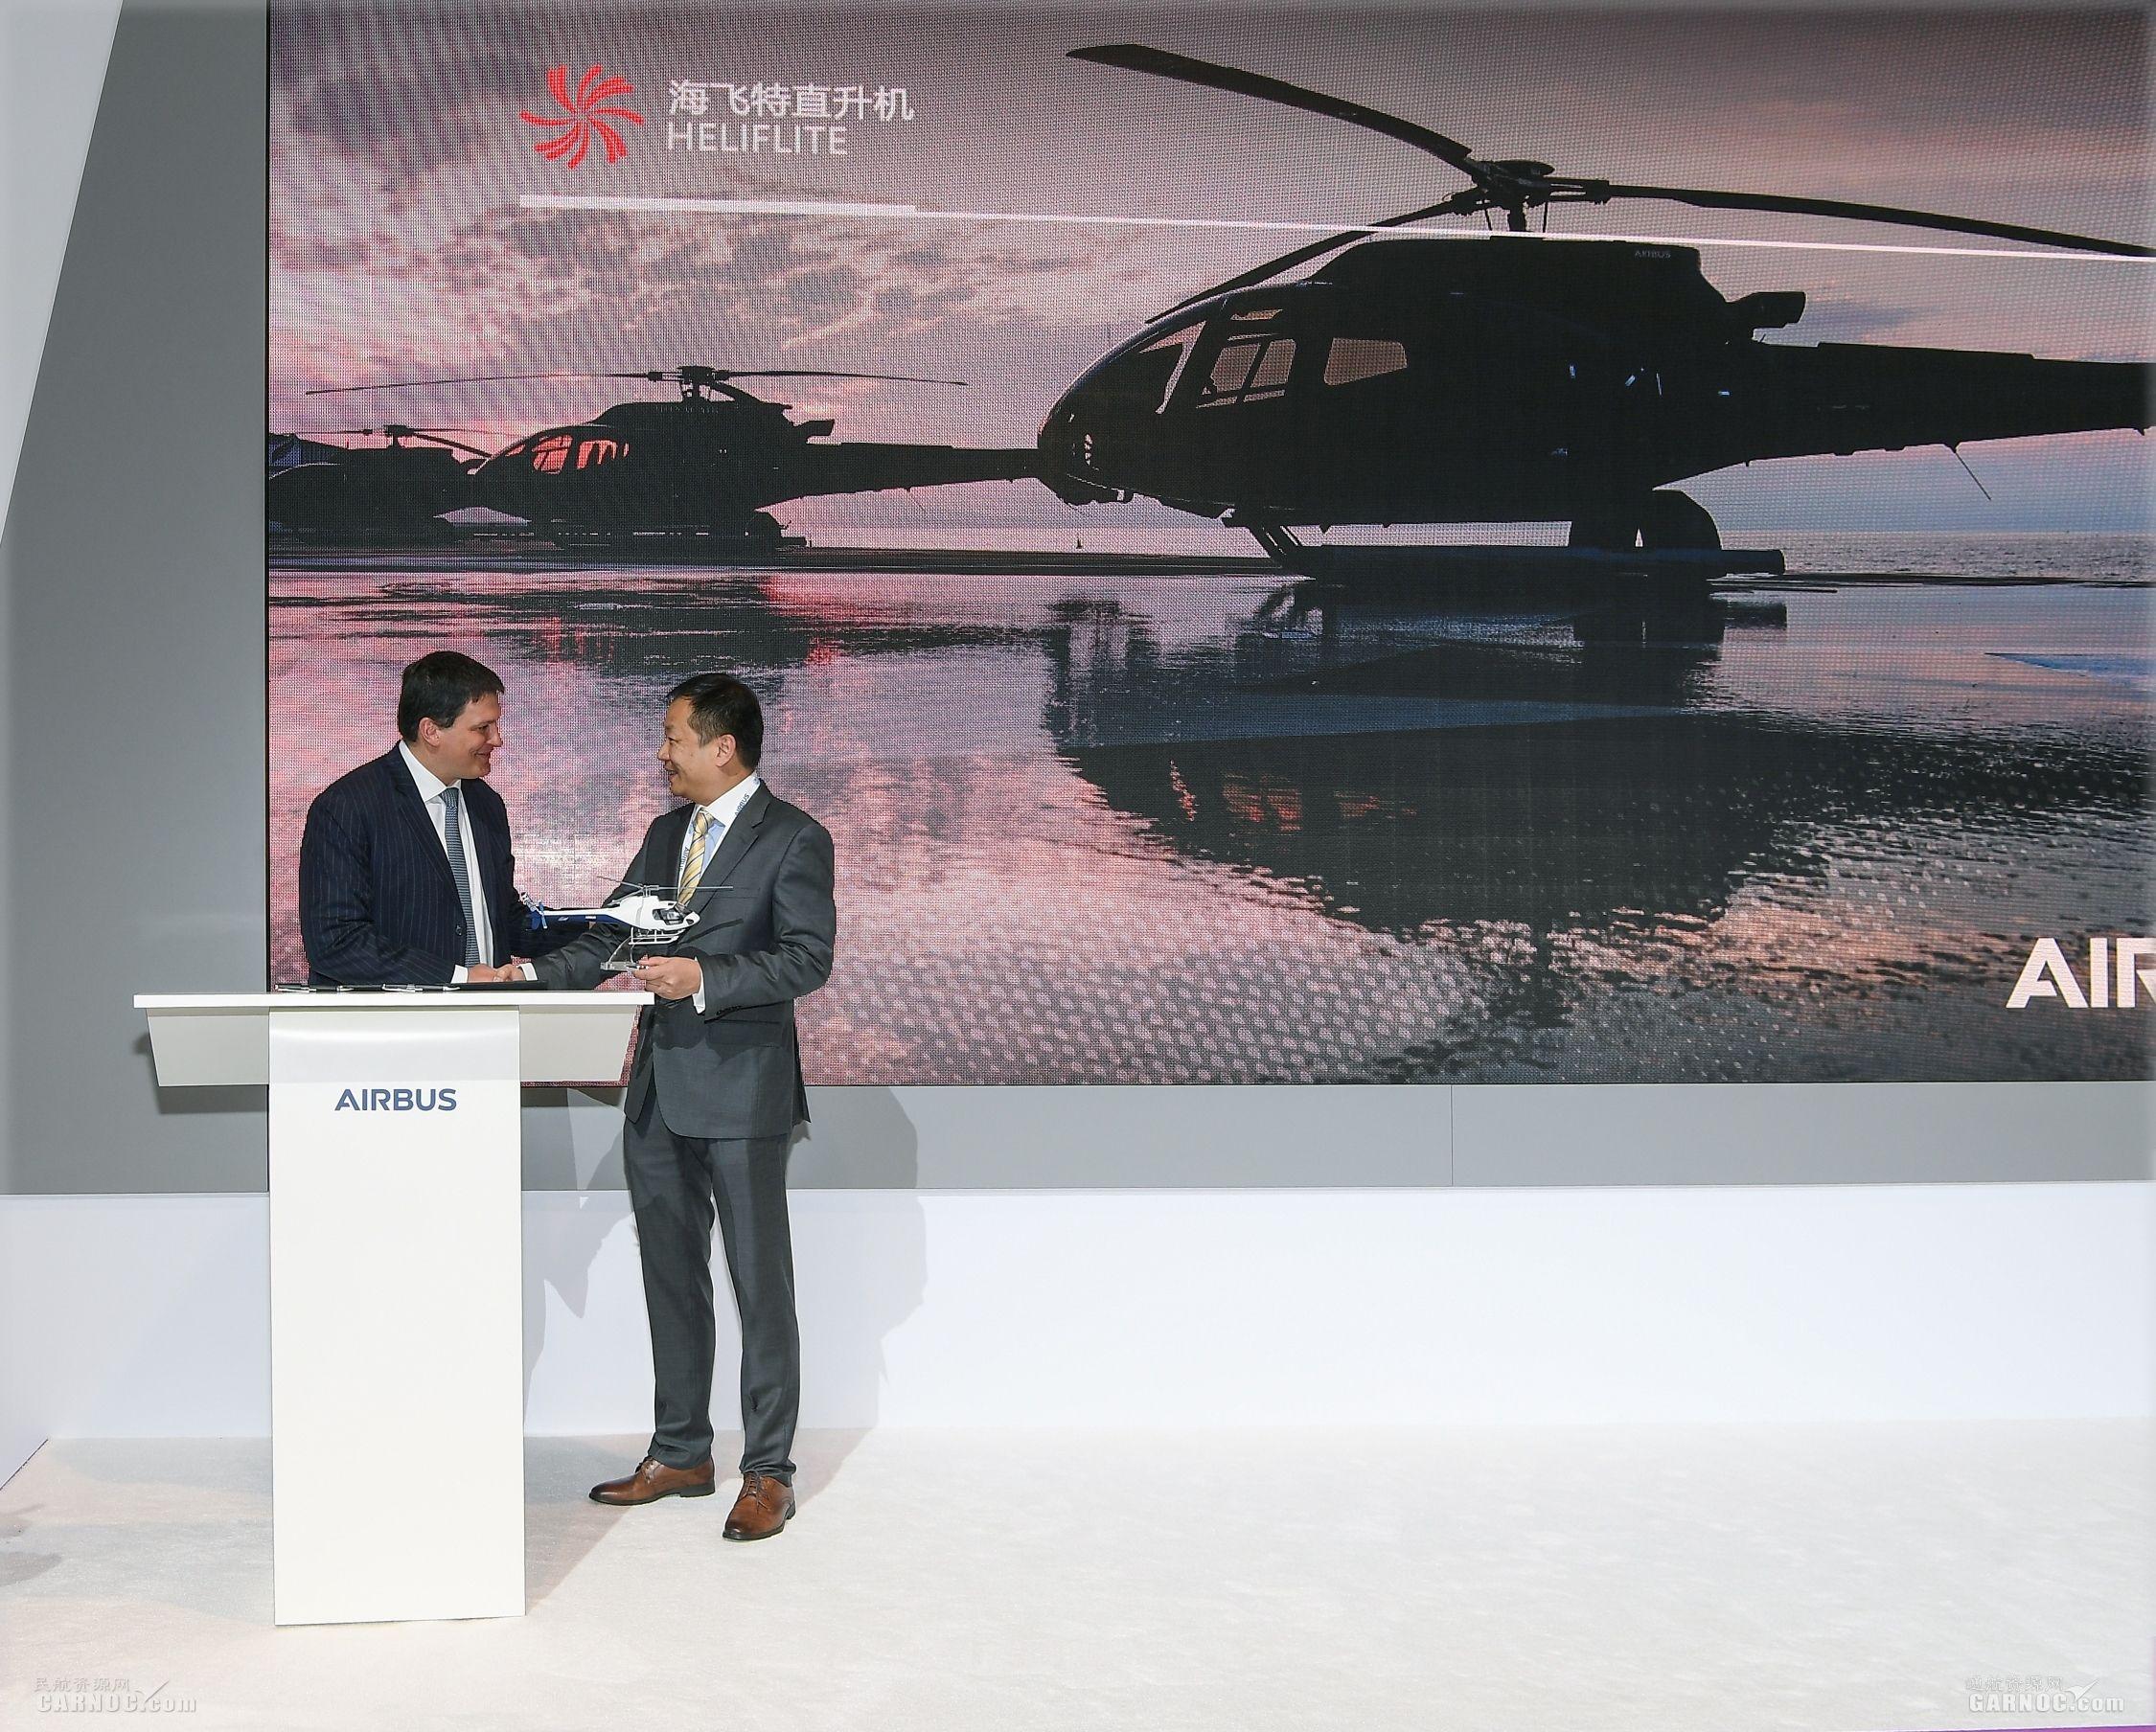 海飞特订购10架空客直升机并成在华官方代理商